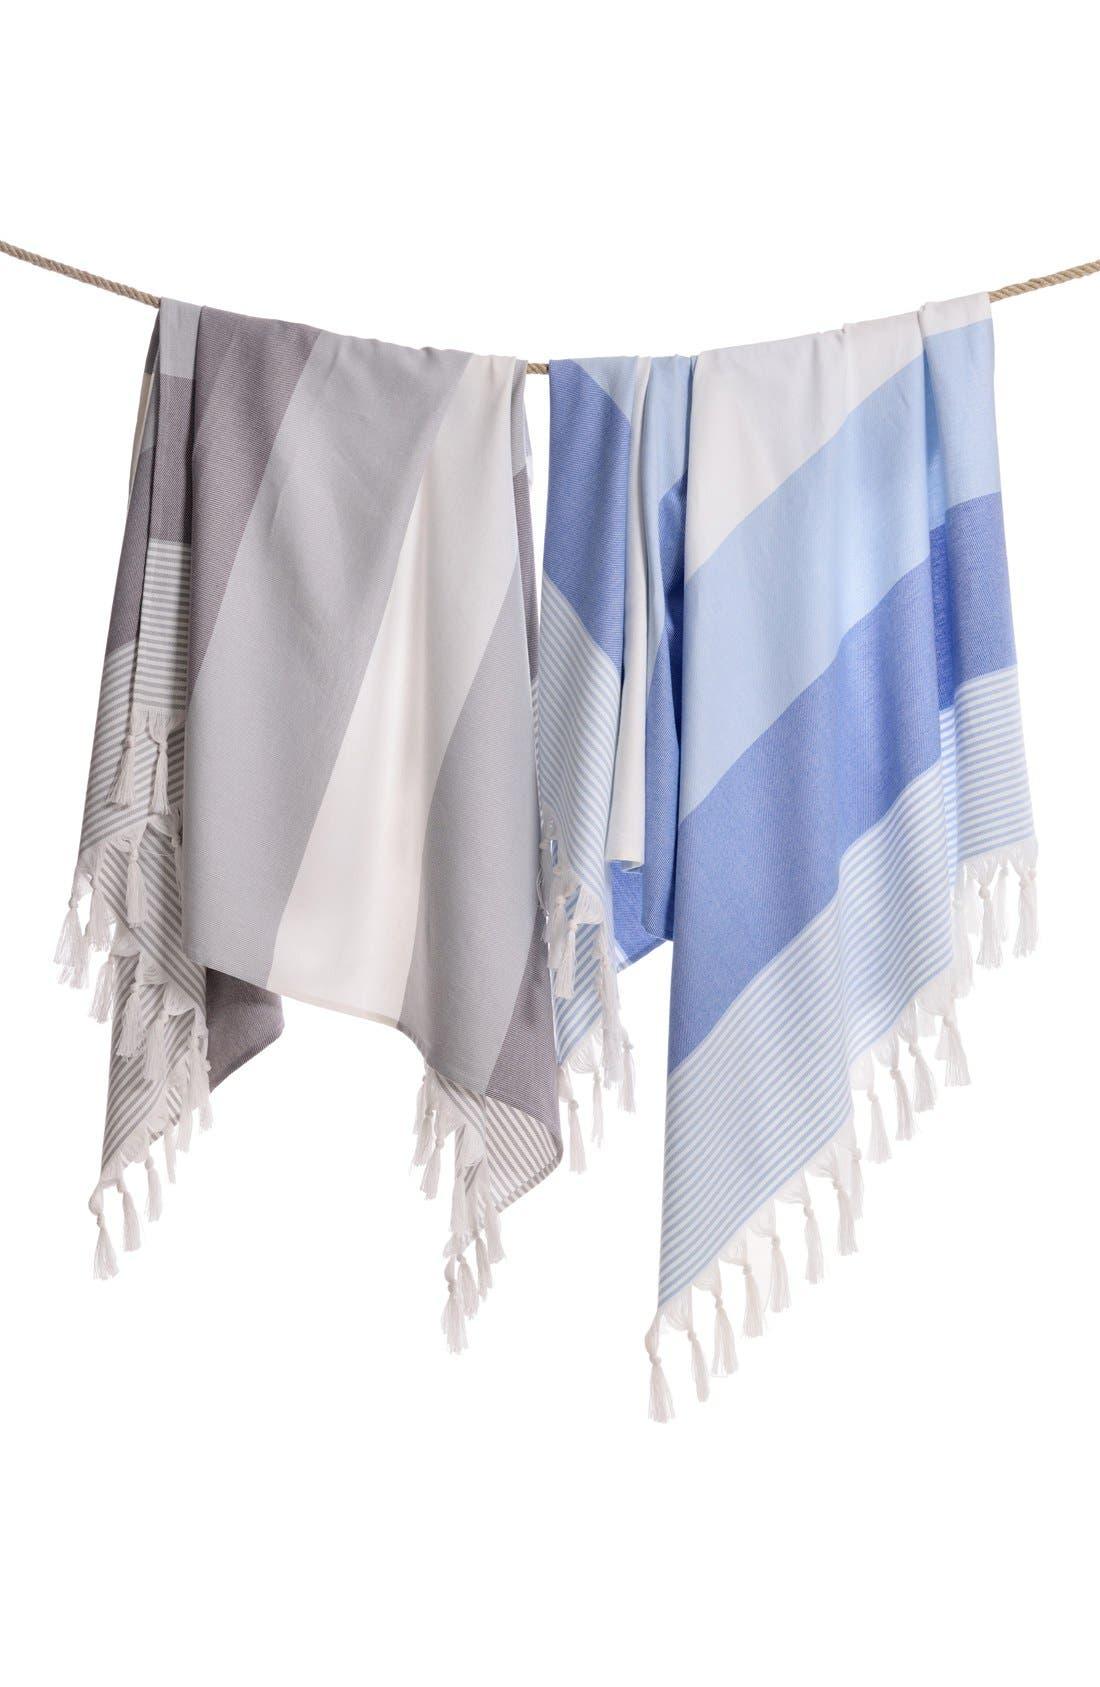 'Sea Waves' Turkish Pestemal Towel,                             Alternate thumbnail 4, color,                             400